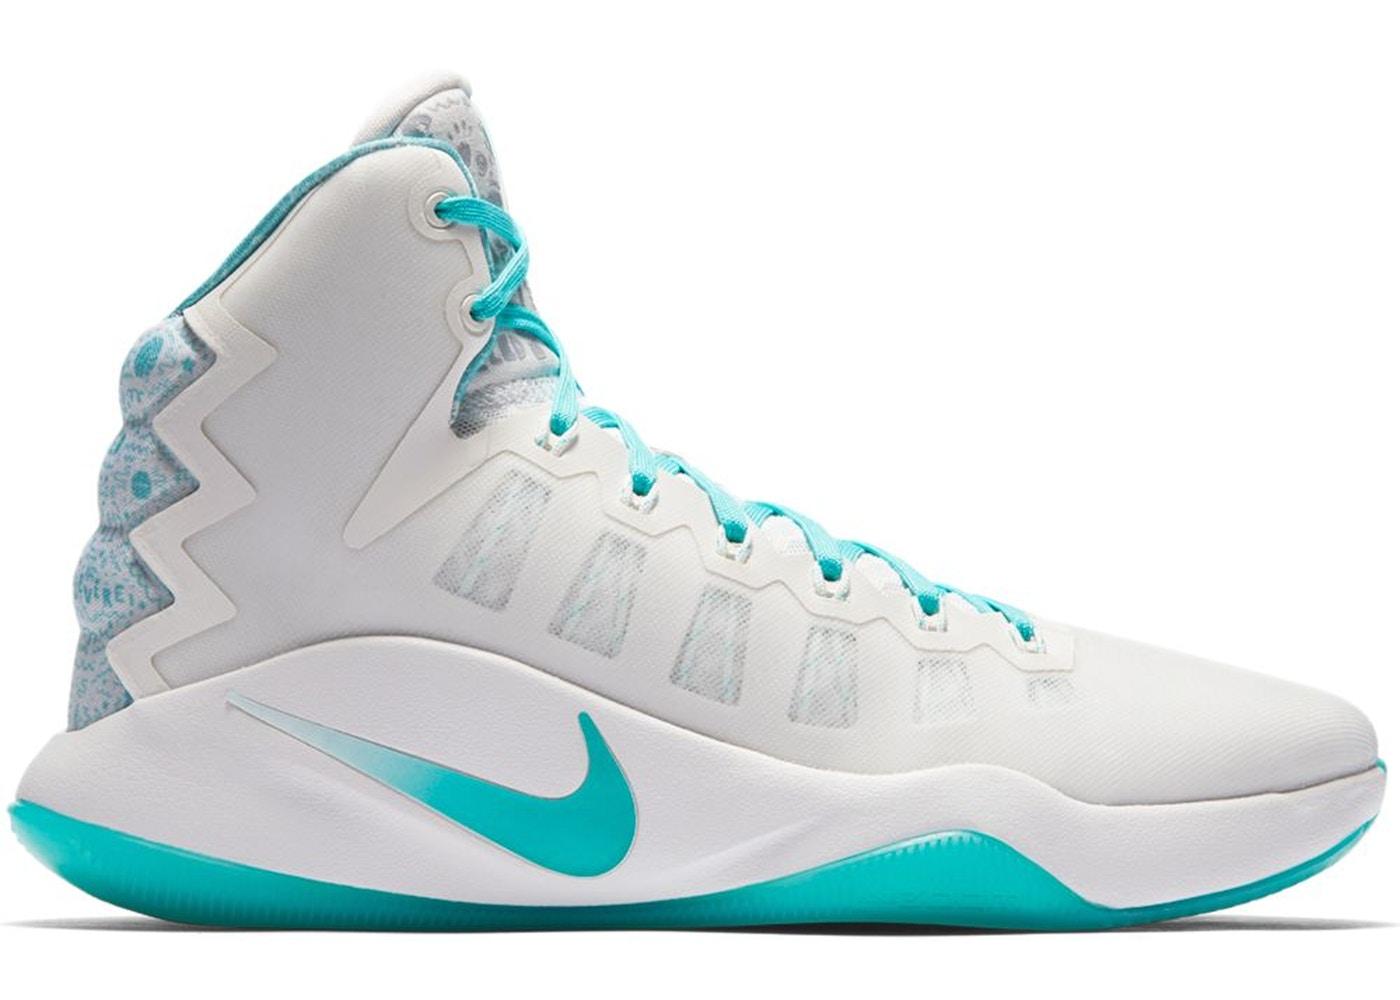 sports shoes d8ccc 9c945 Nike Hyperdunk 2016 Elena Delle Donne - 869484-999